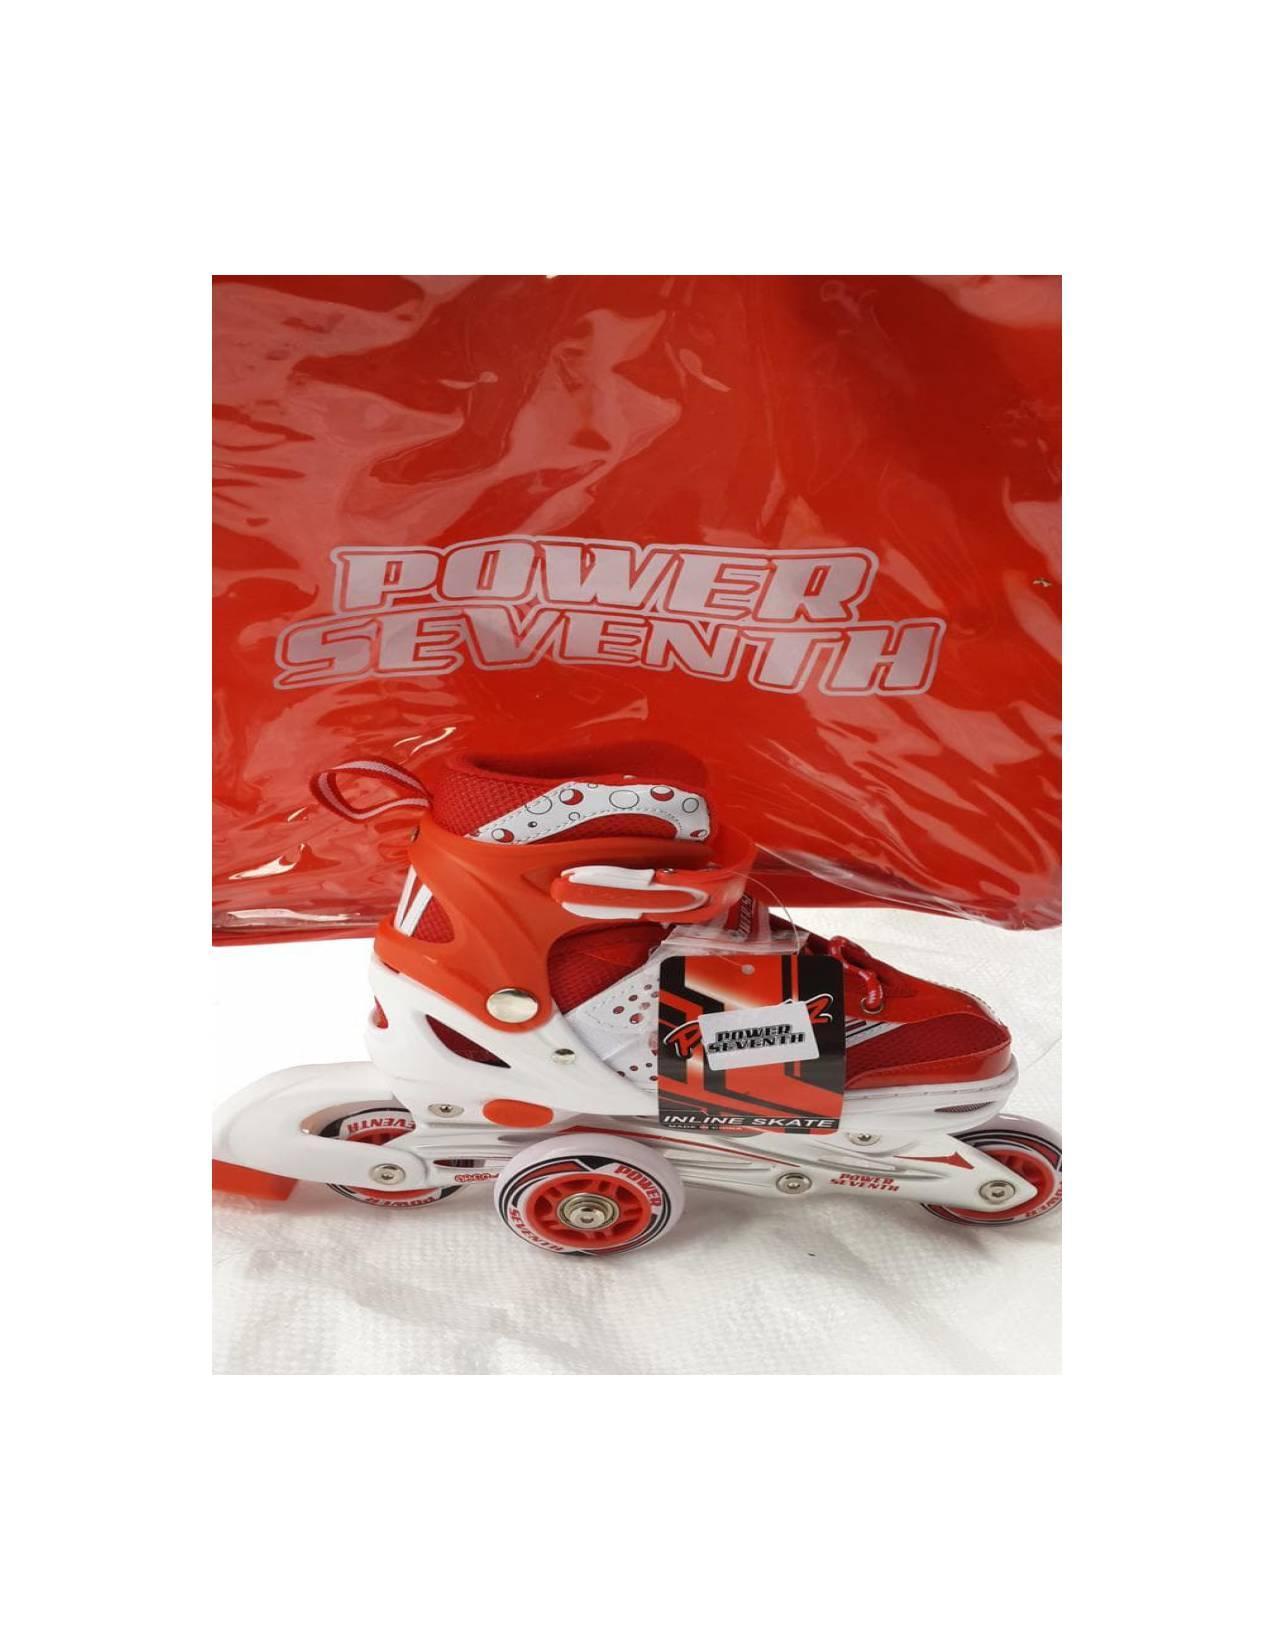 Jual Sepatu Roda/ Inline Skate Jahit Bajaj Power Seventh Merah Unik